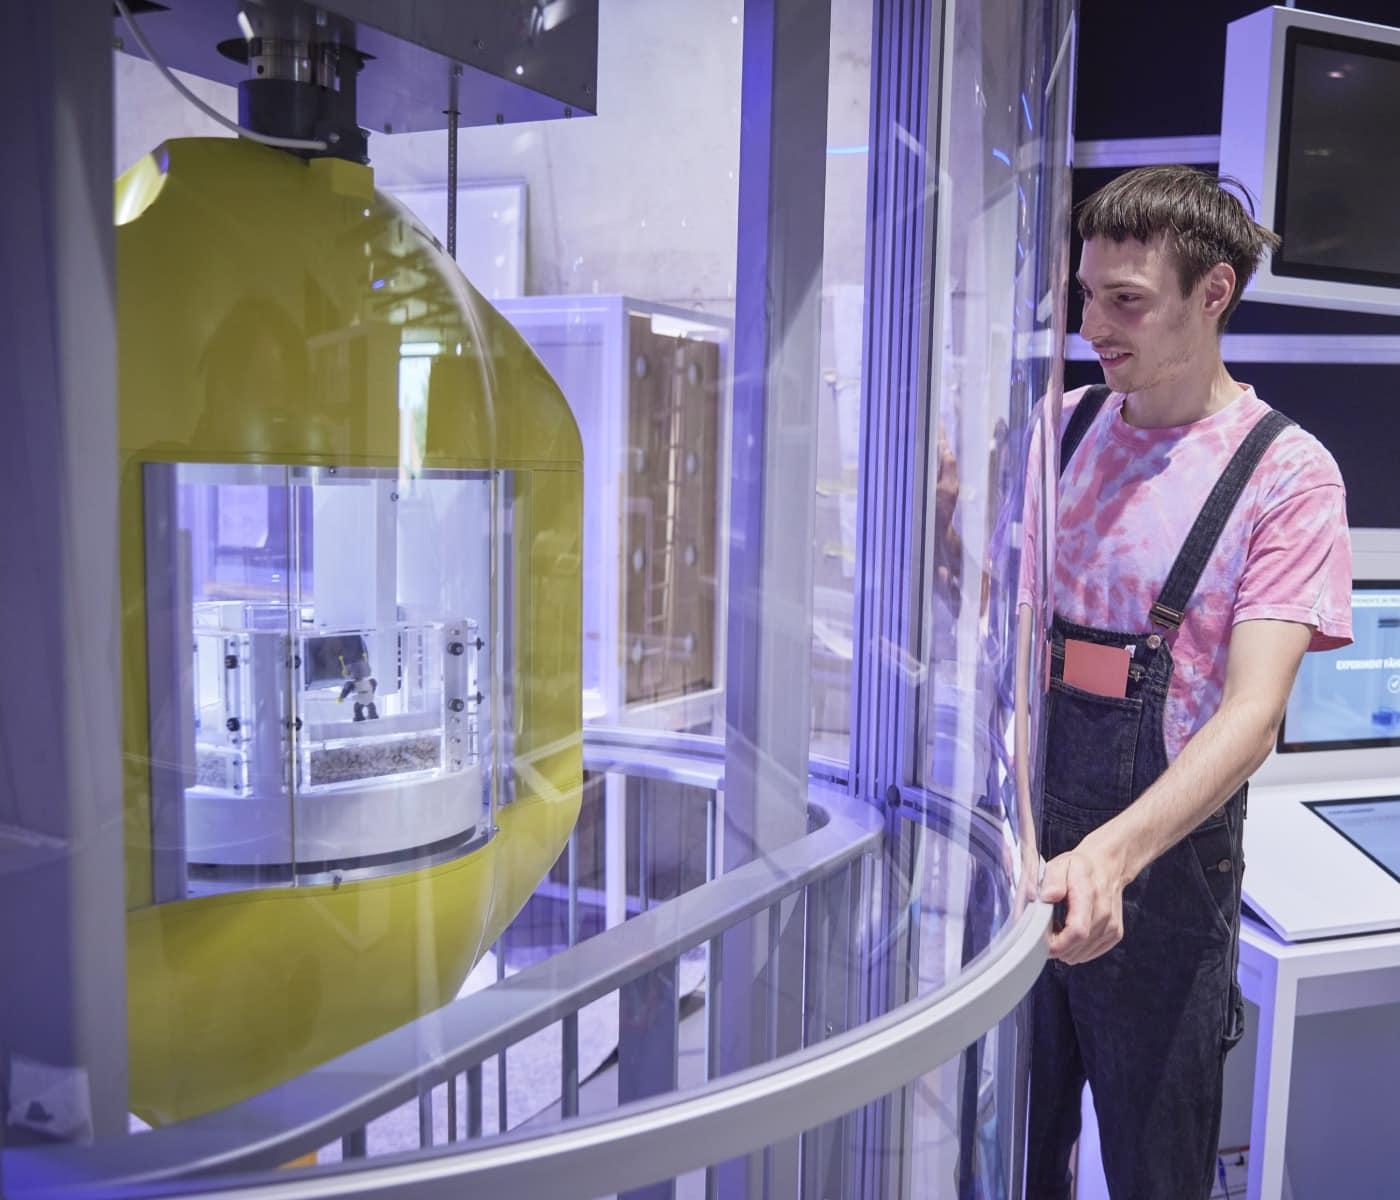 Fallturm für Experimente in der Schwerelosigkeit im Zukunftsmuseum // HIMBEER